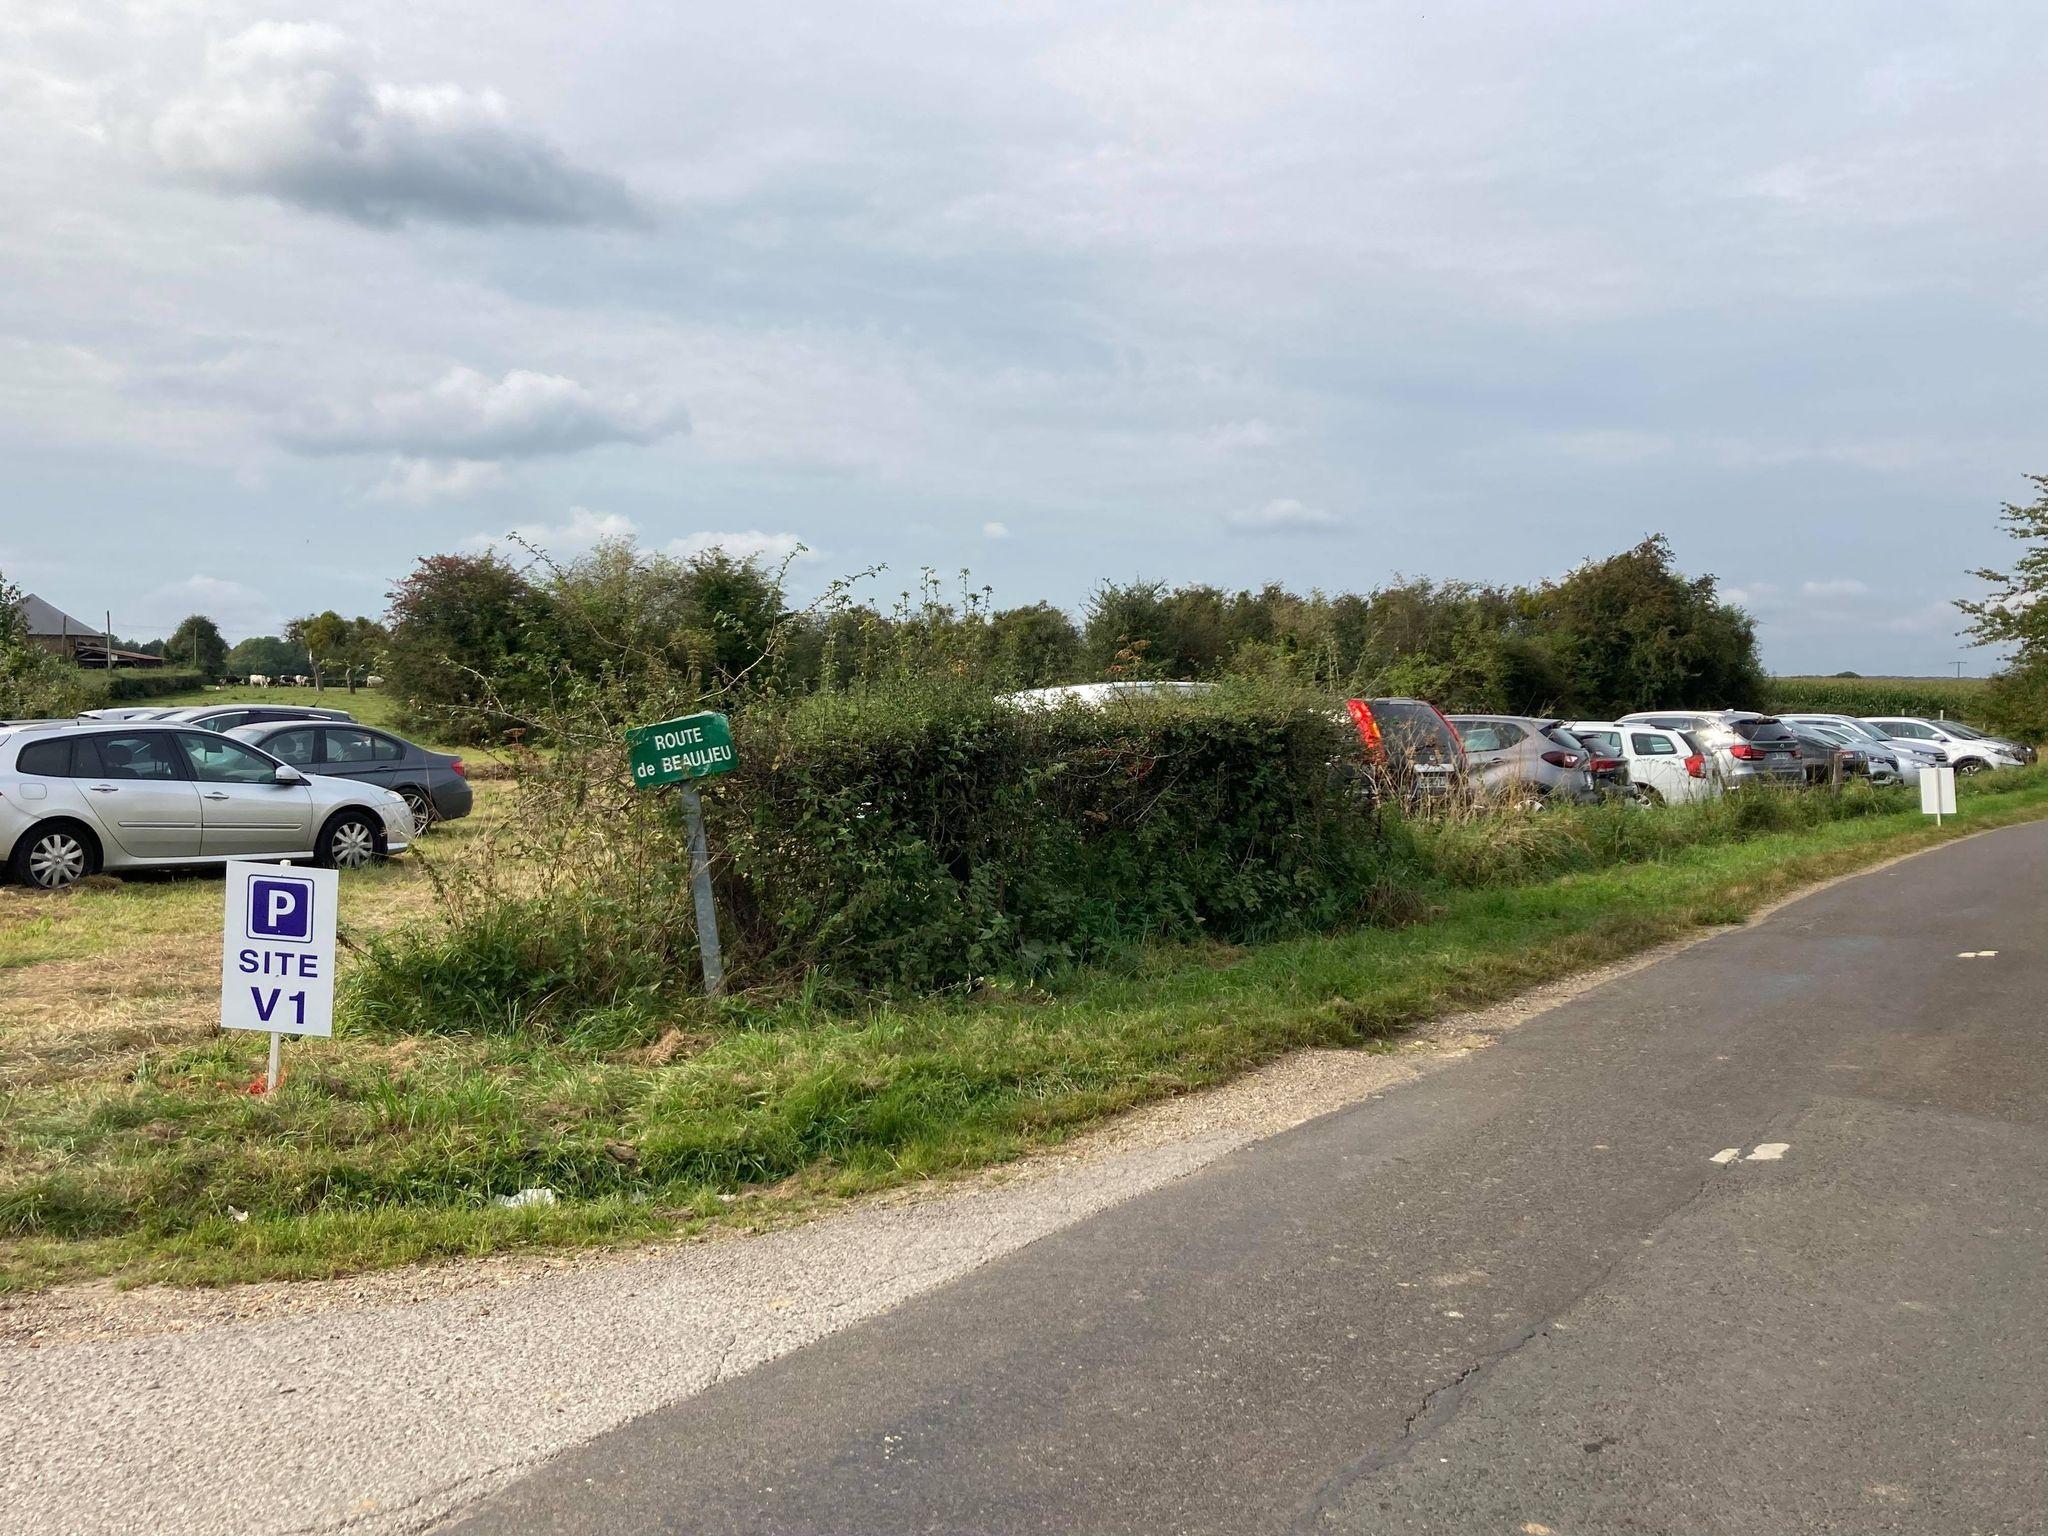 Parking - Site V1 Campneuseville jep 2021